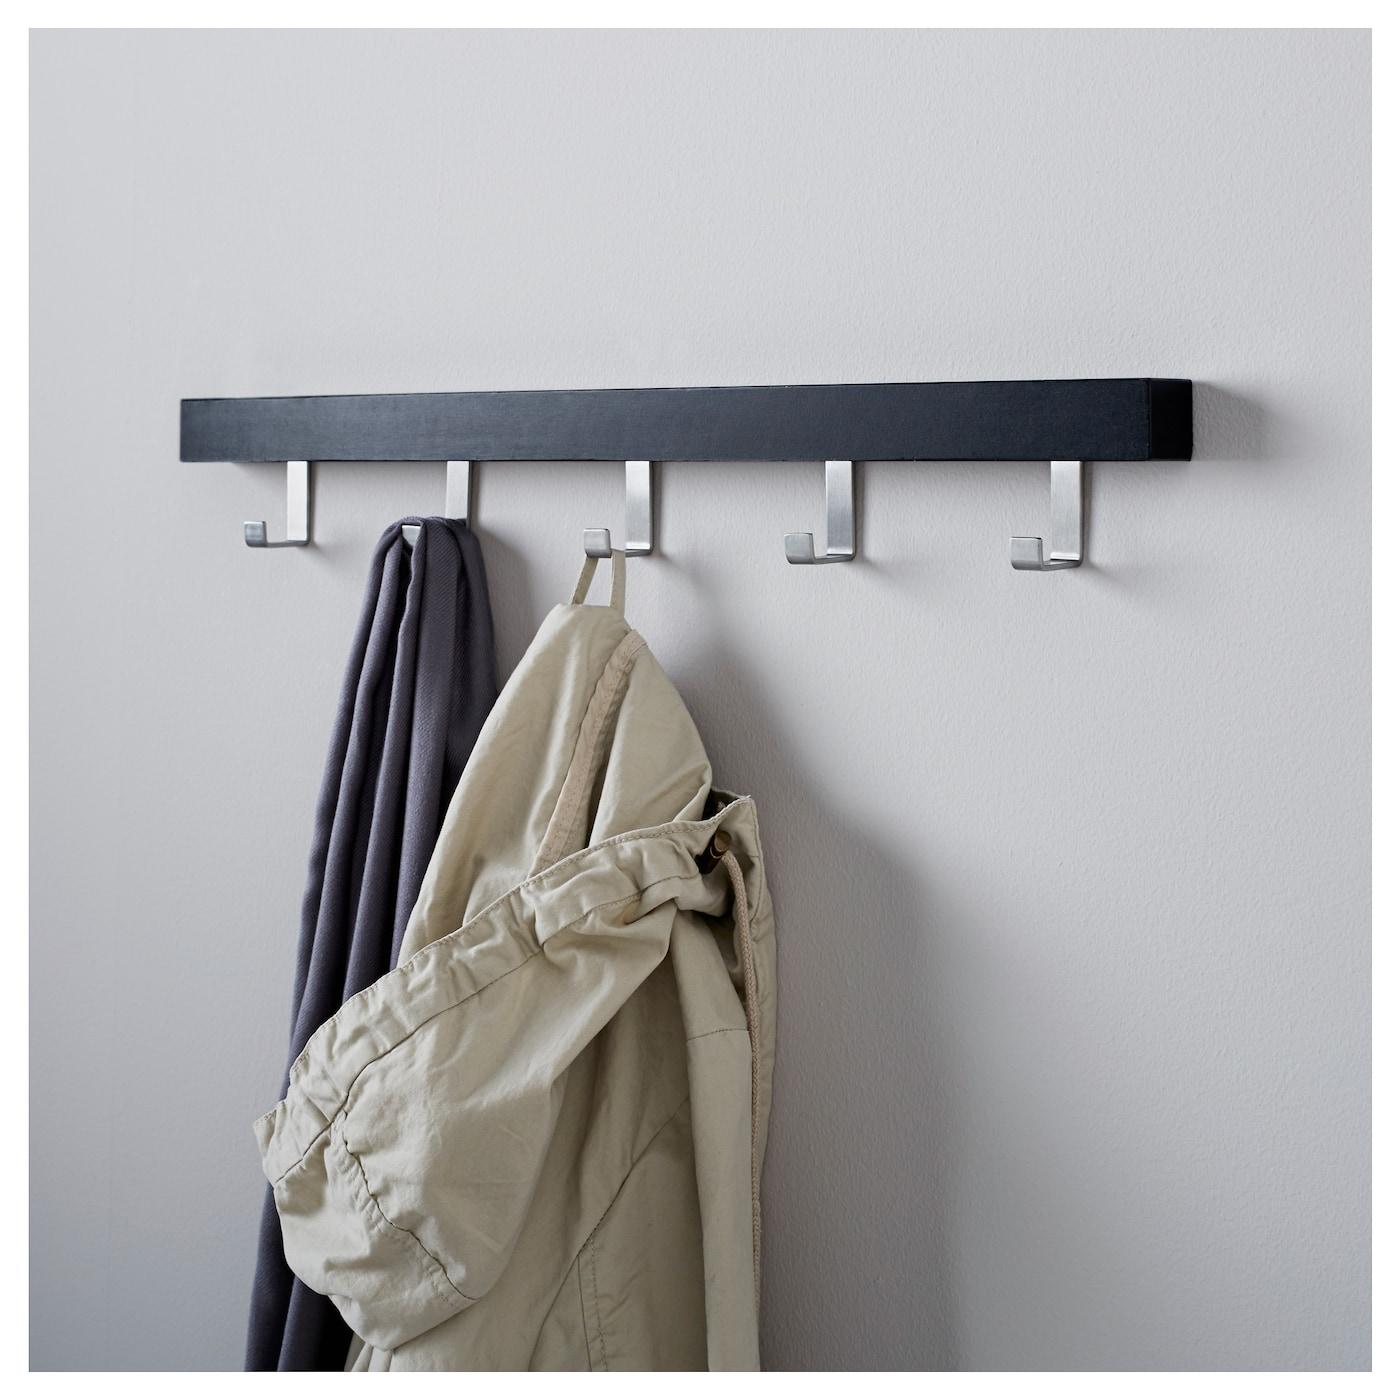 Tjusig hanger for door wall black 60 cm ikea for Ikea belt hanger